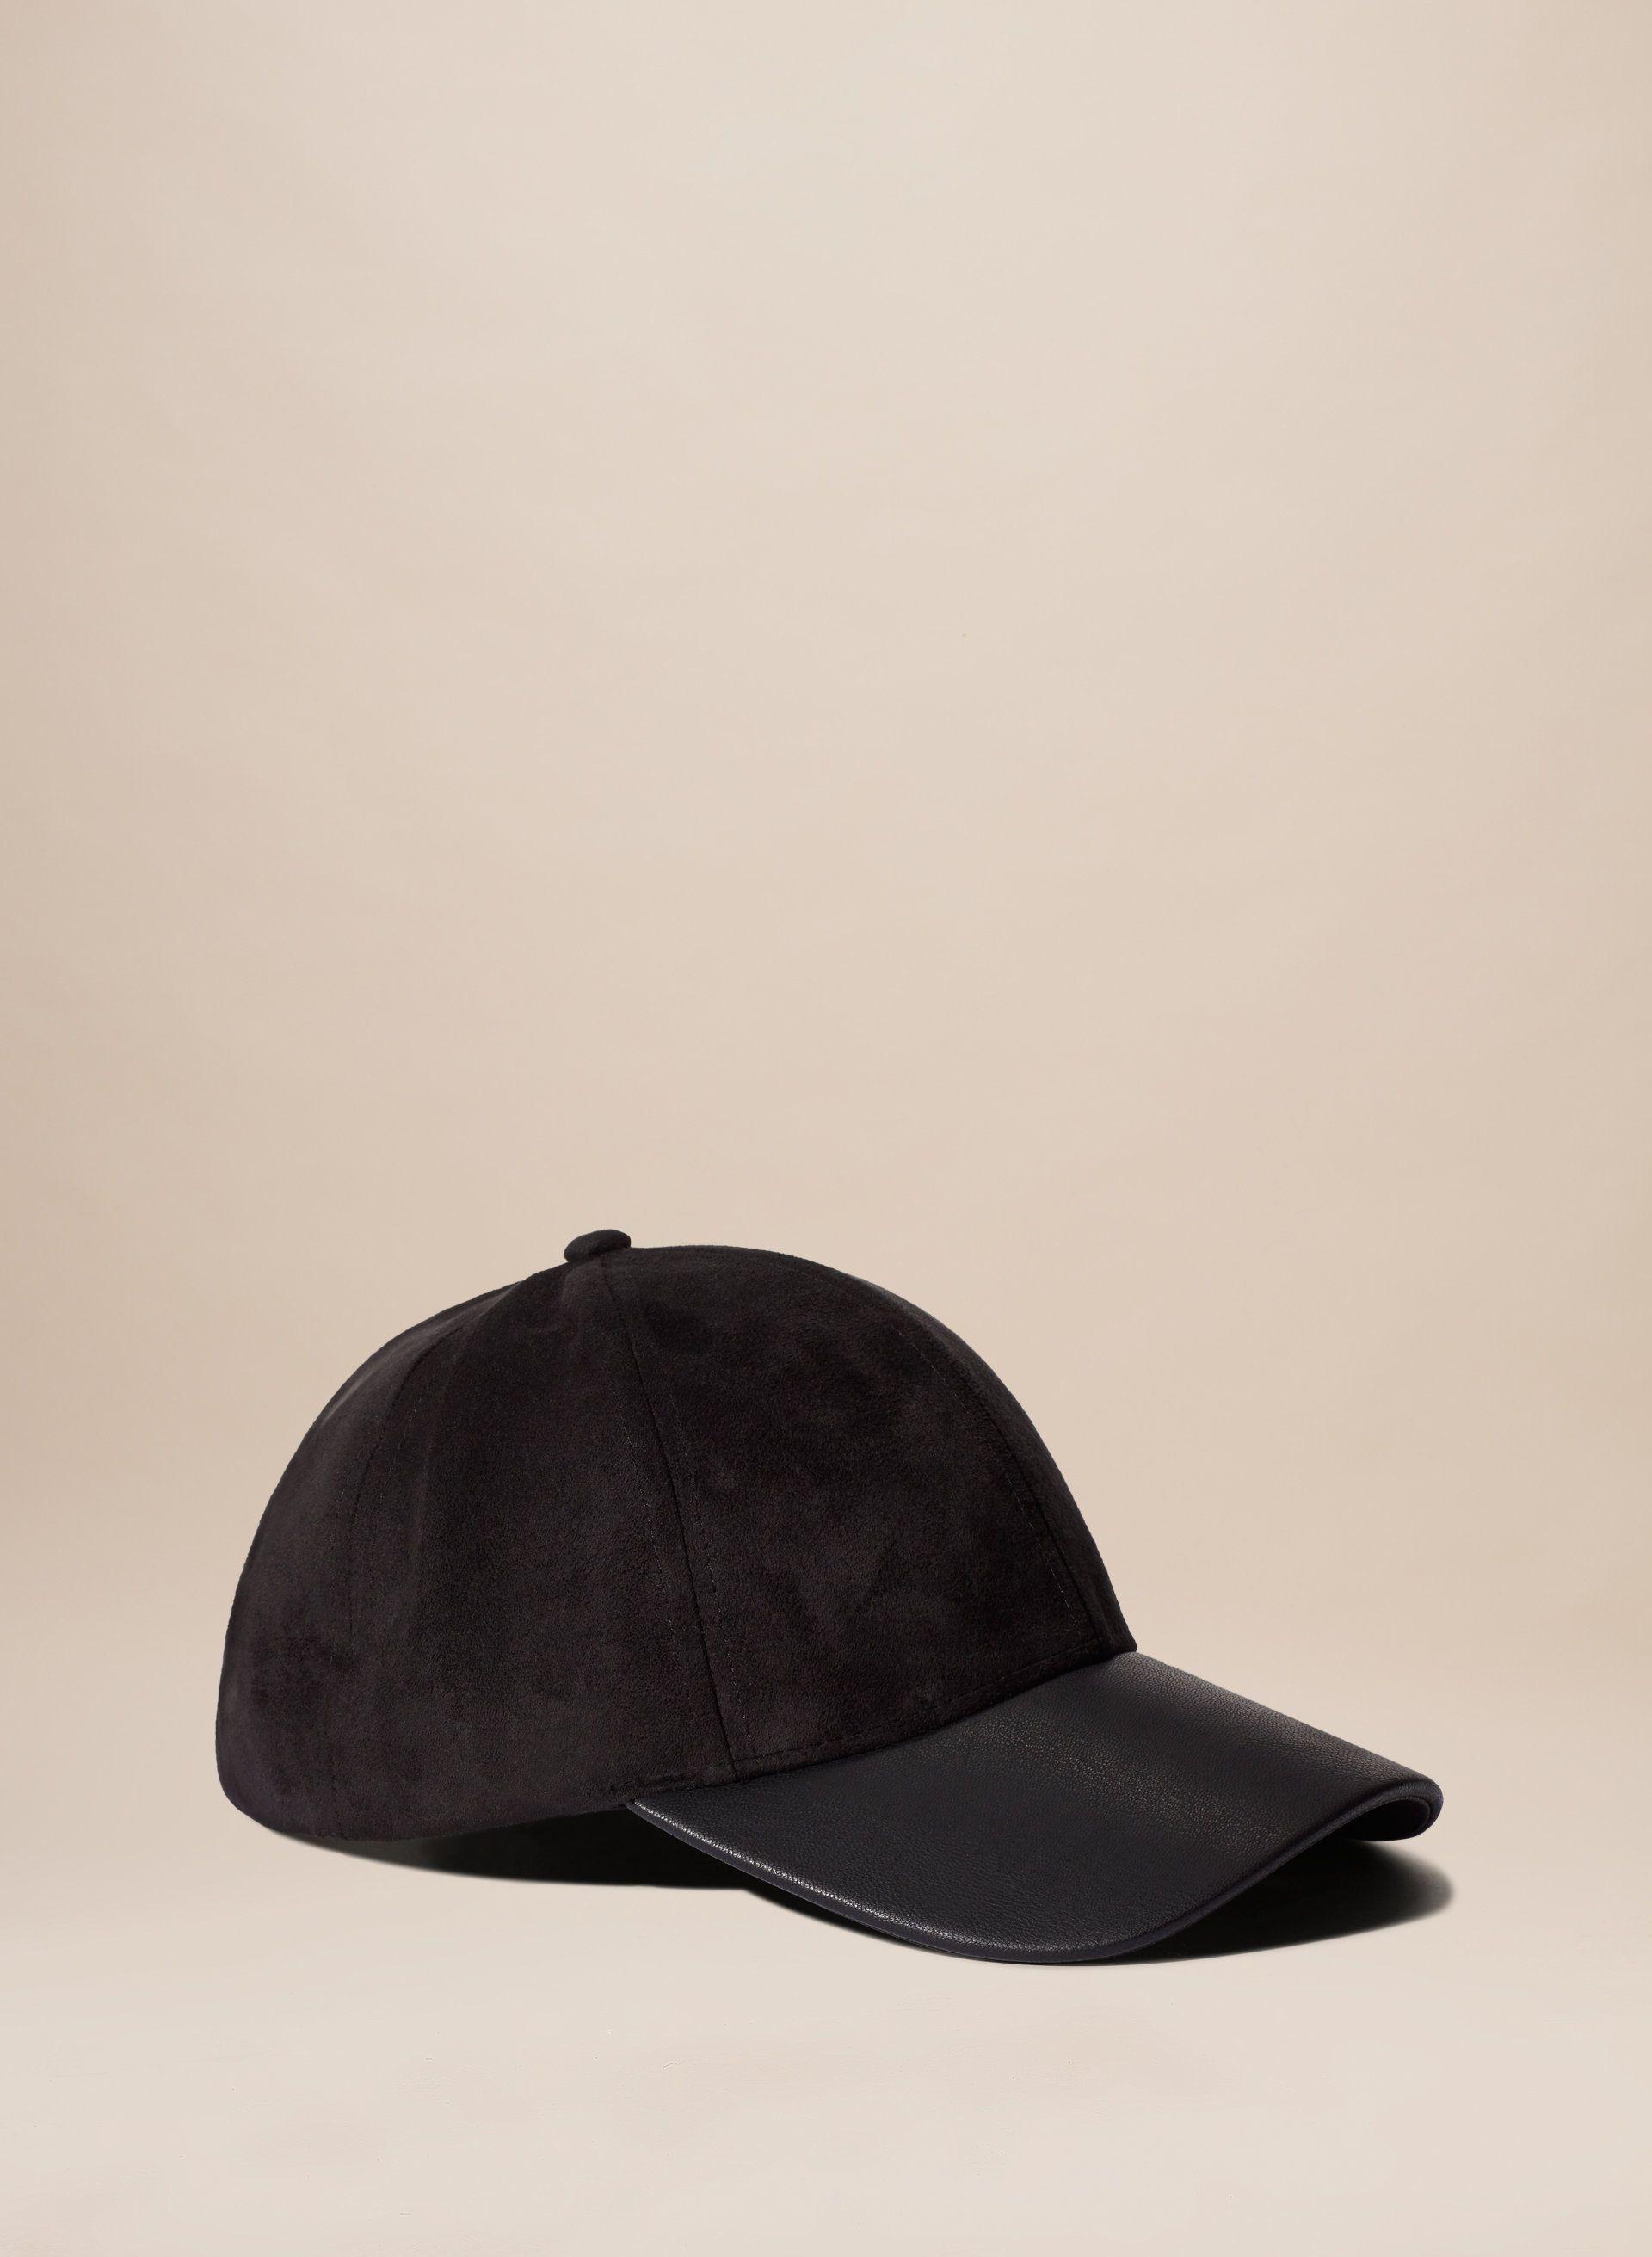 ab623bcaf5f Wilfred Free EMESA HAT